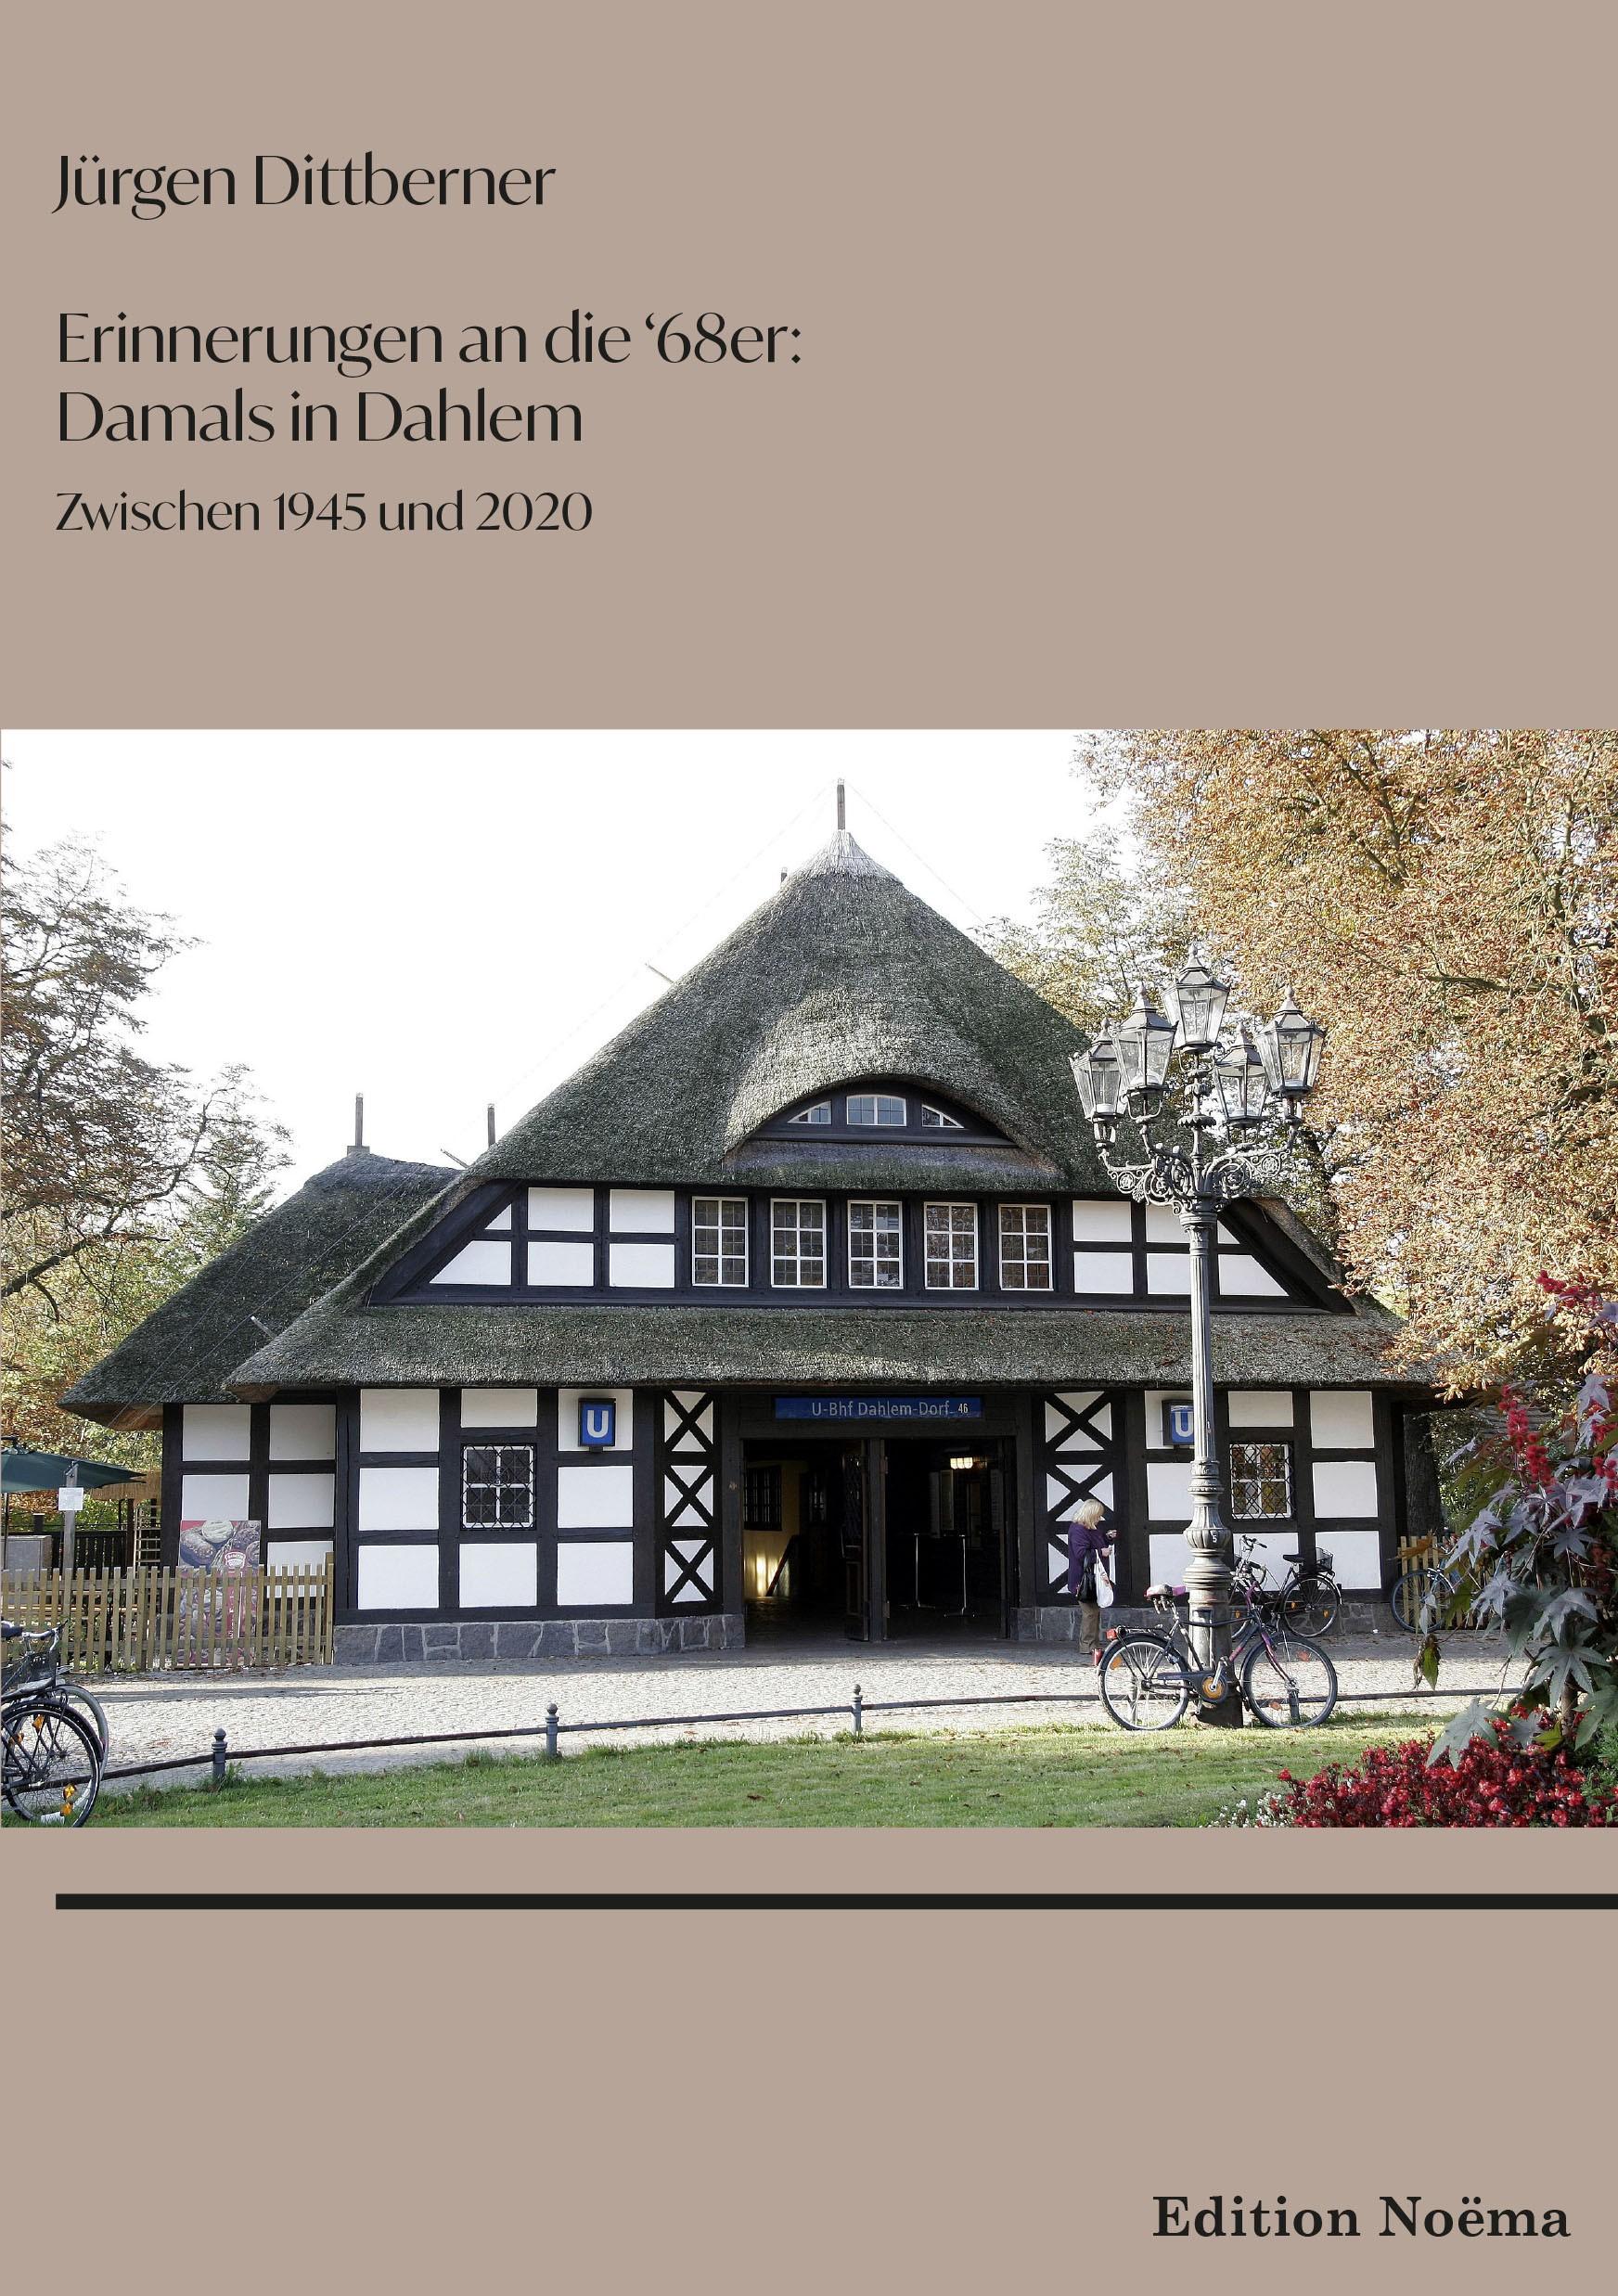 """Erinnerungen an die """"68er"""": Damals in Dahlem"""